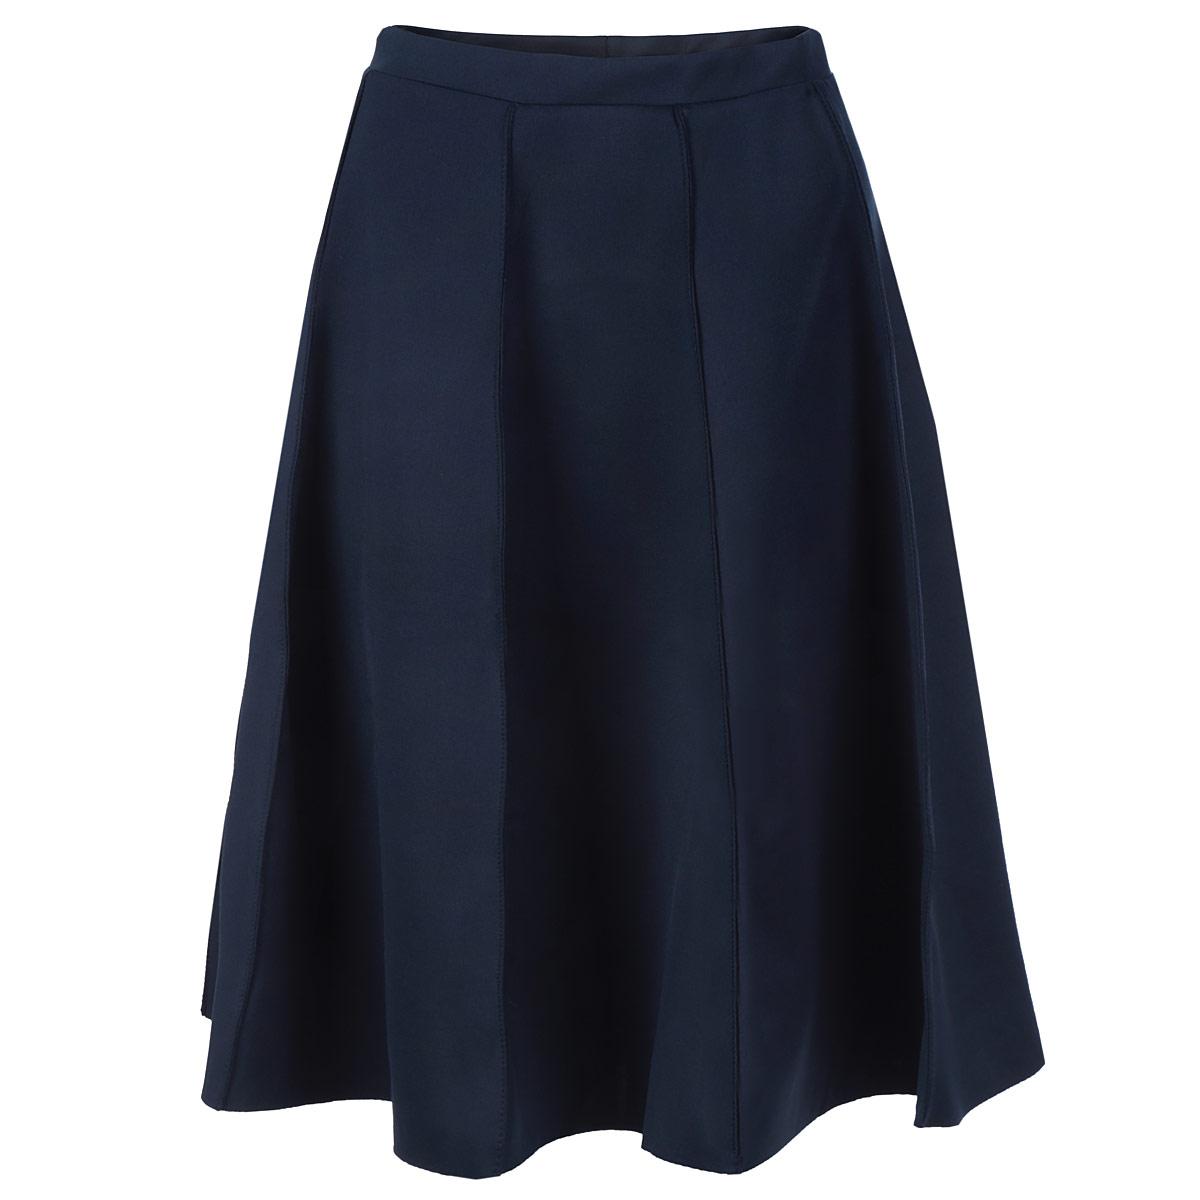 Юбка. SSD0783GRSSD0783GRСтильная юбка Top Secret длины миди изготовлена из плотного полиэстера. Юбка расклешенного кроя. На поясе - эластичная резинка. Эта модная и в тоже время комфортная юбка - отличный вариант на каждый день.